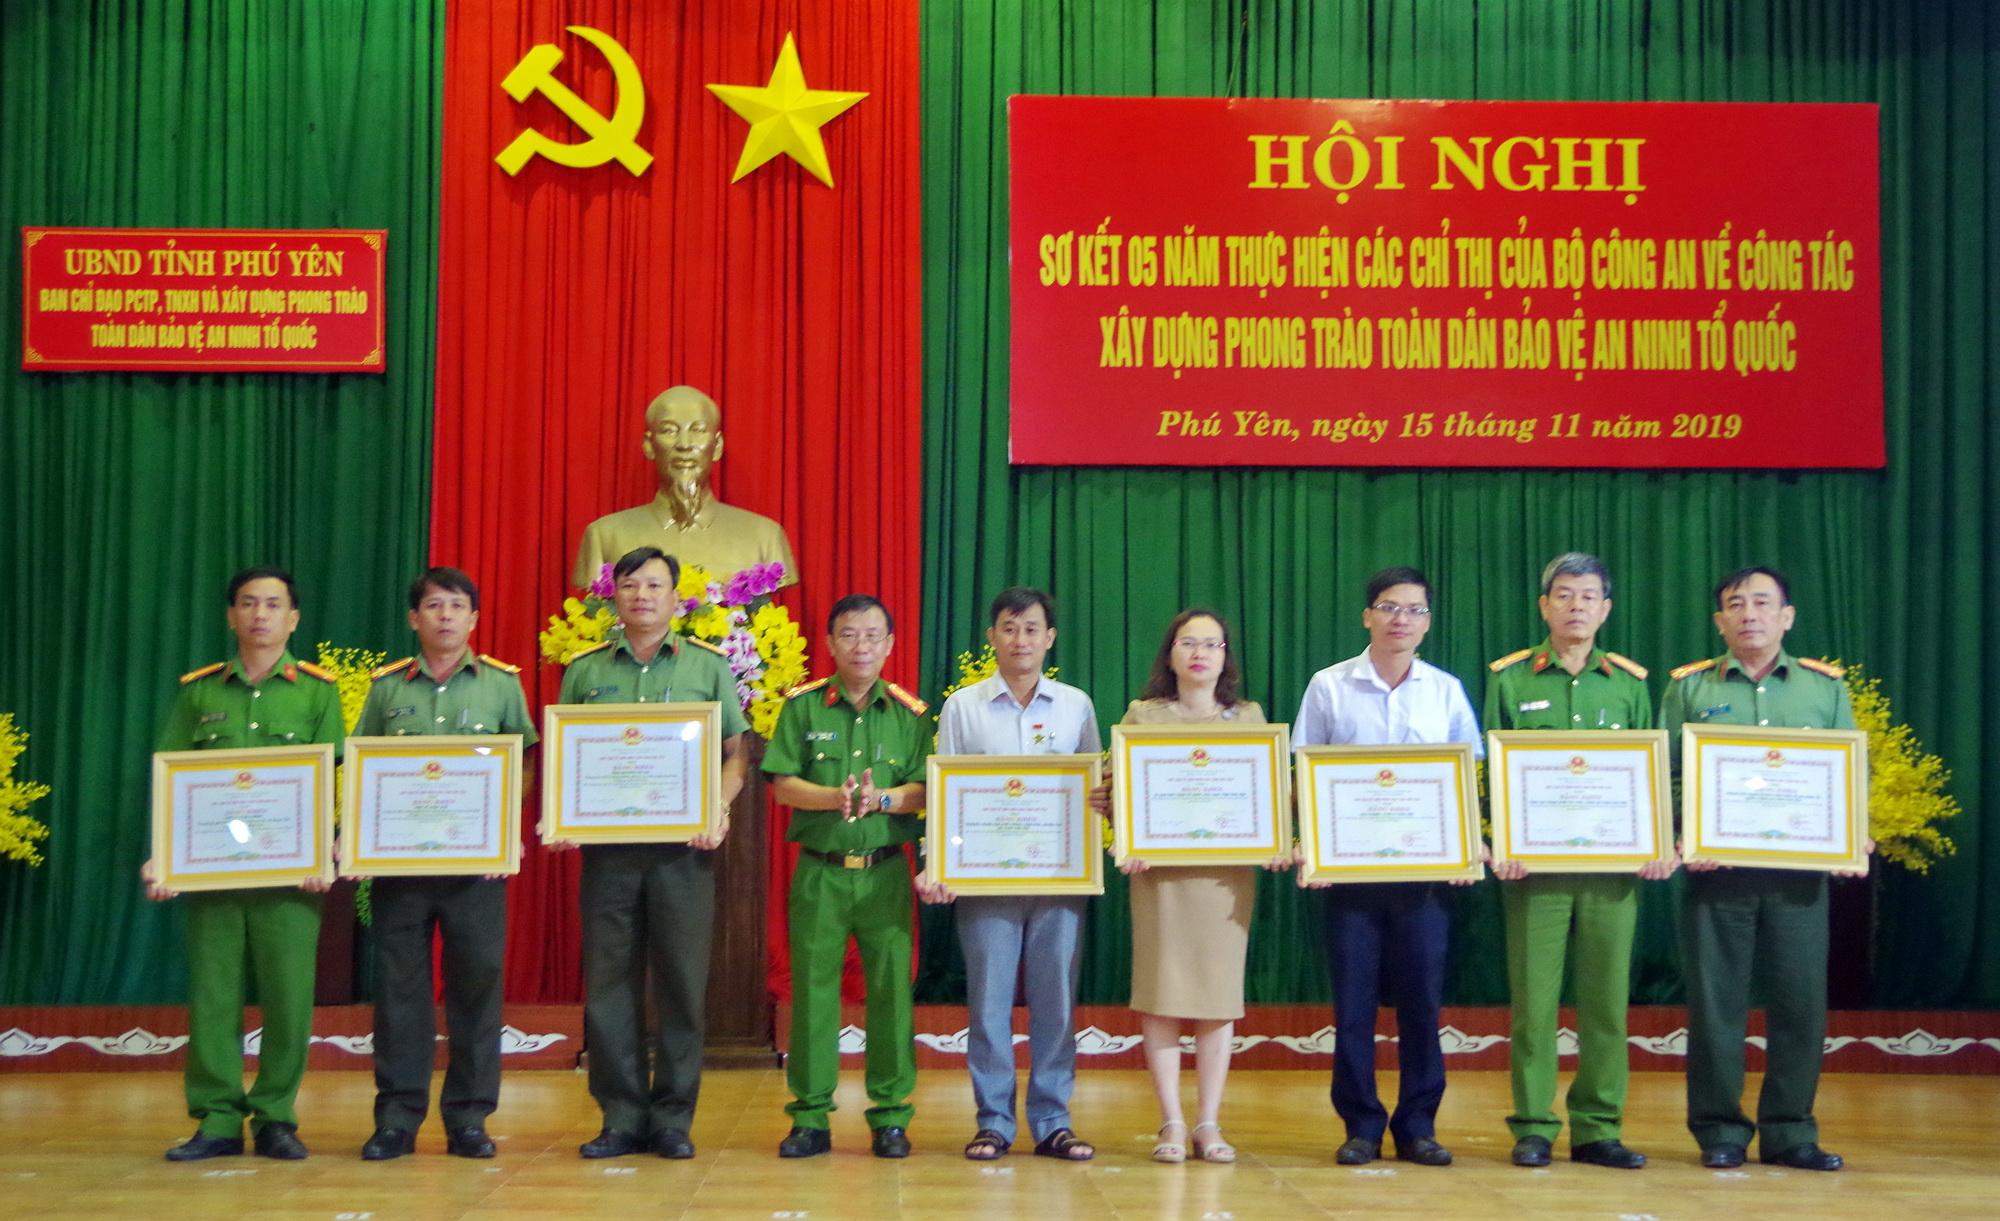 Phú Yên sơ kết 5 năm thực hiện phong trào toàn dân bảo vệ ANTQ